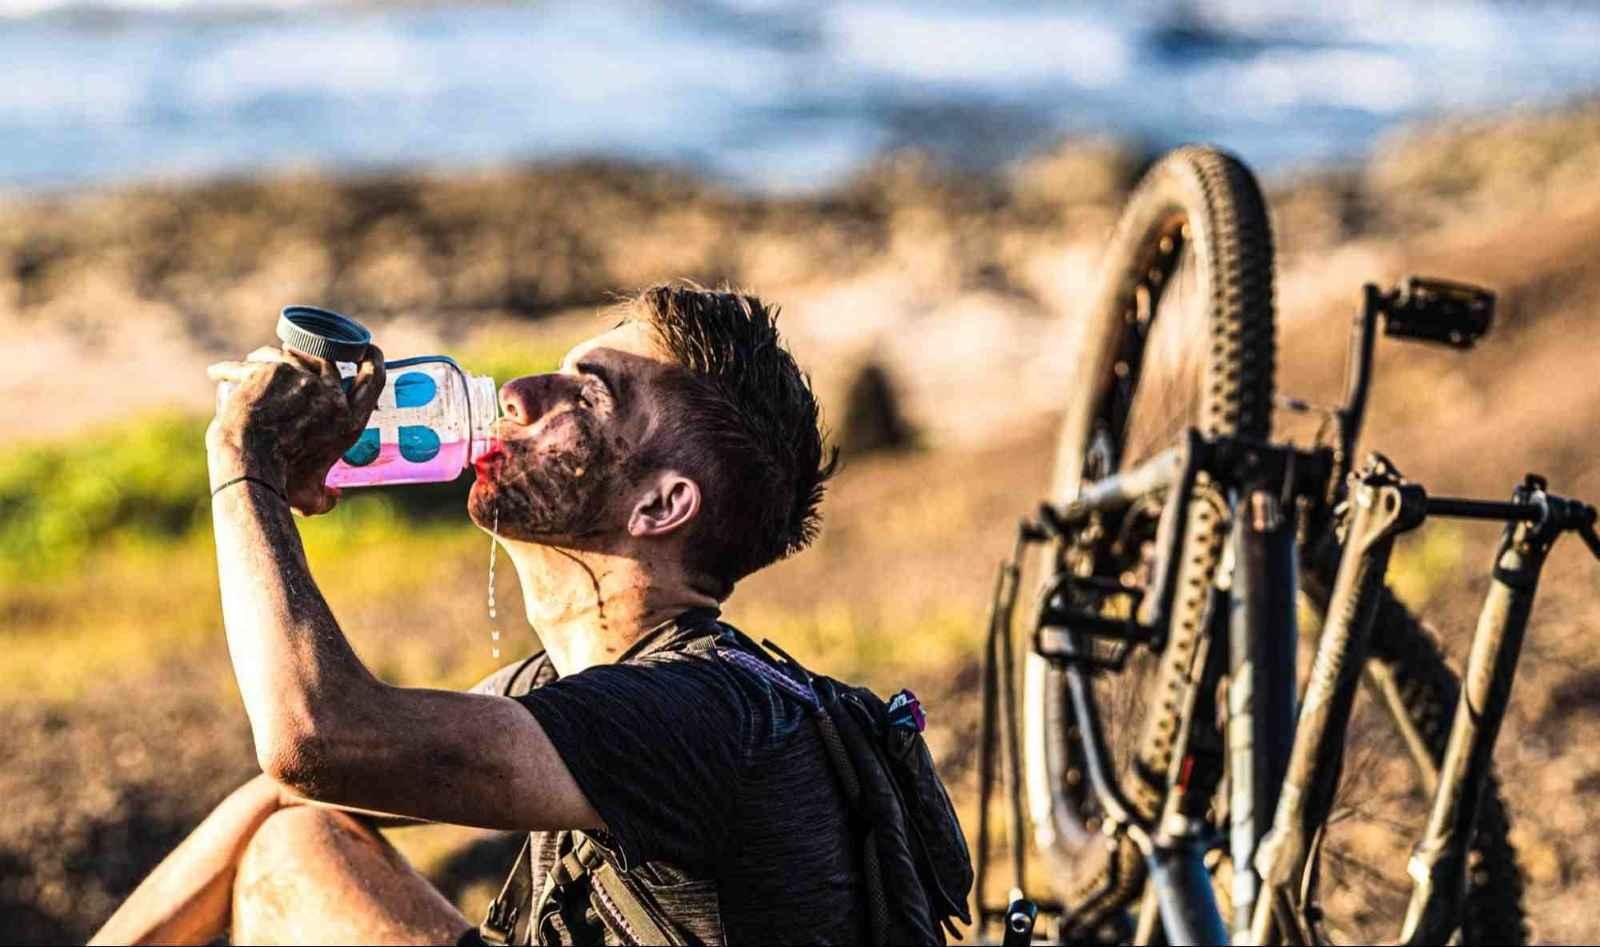 Biker drinking DripDrop ORS